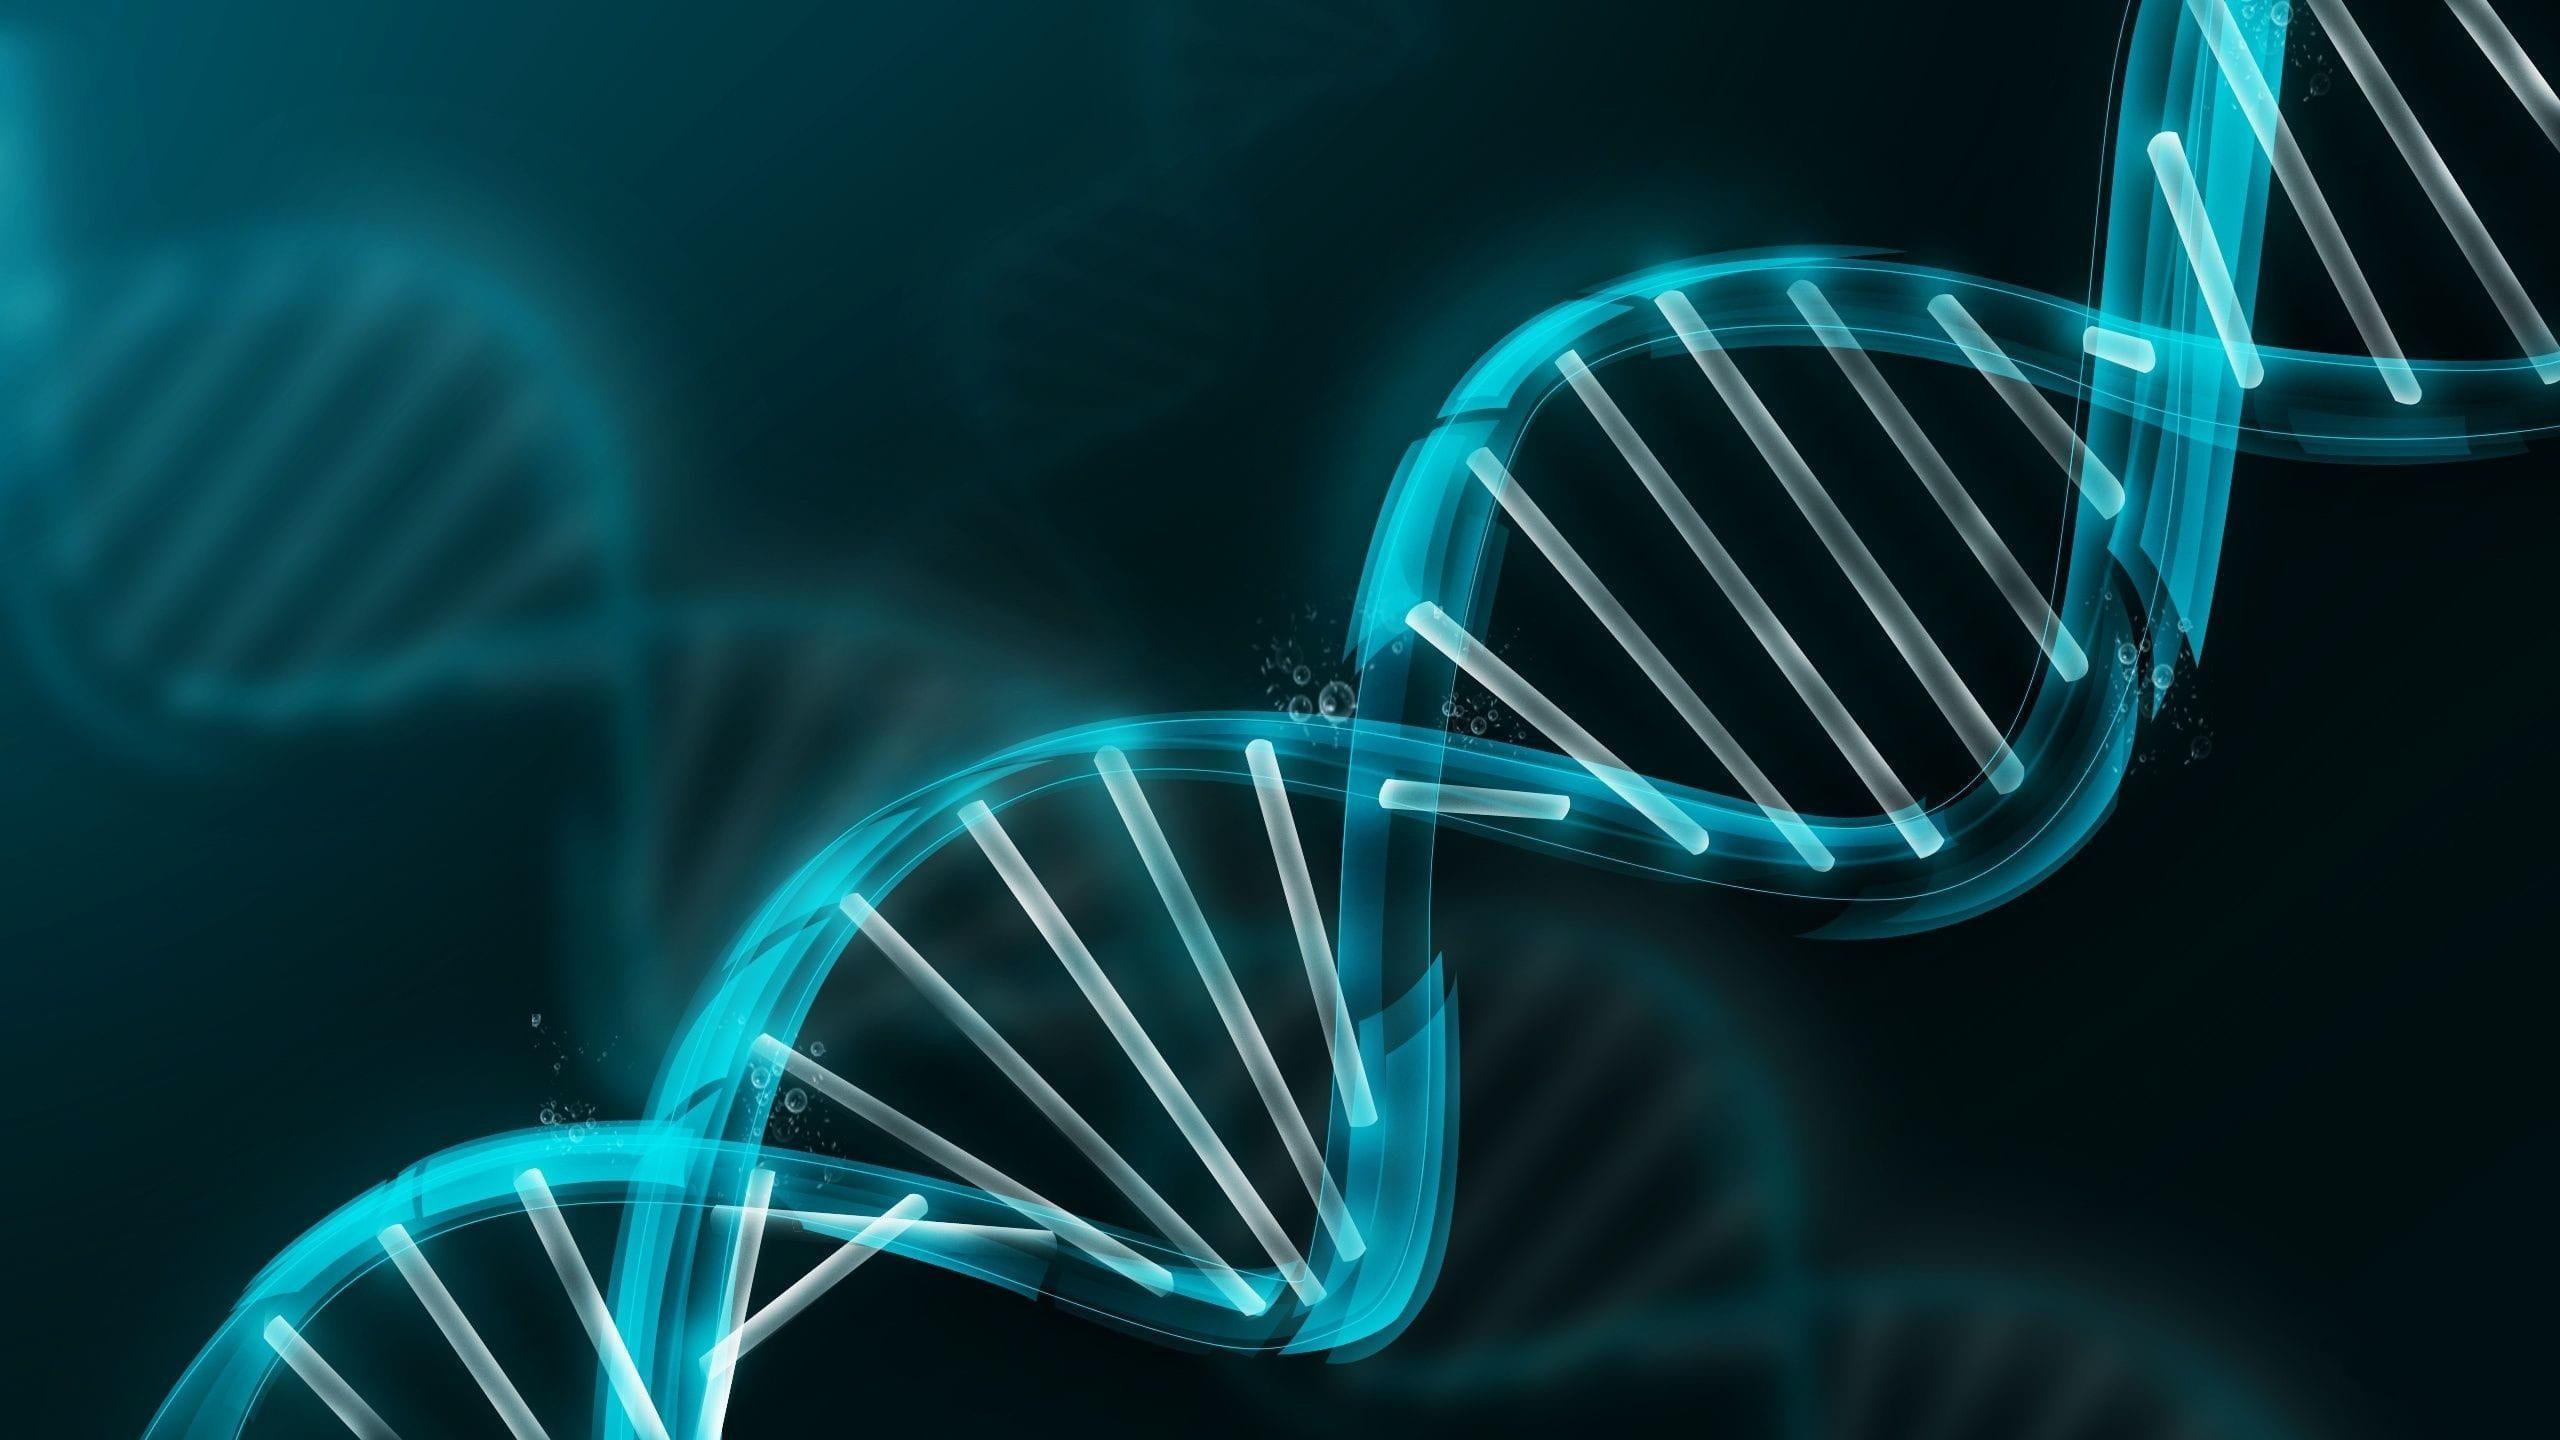 Kvalitetsstyring ligger i vårt DNA